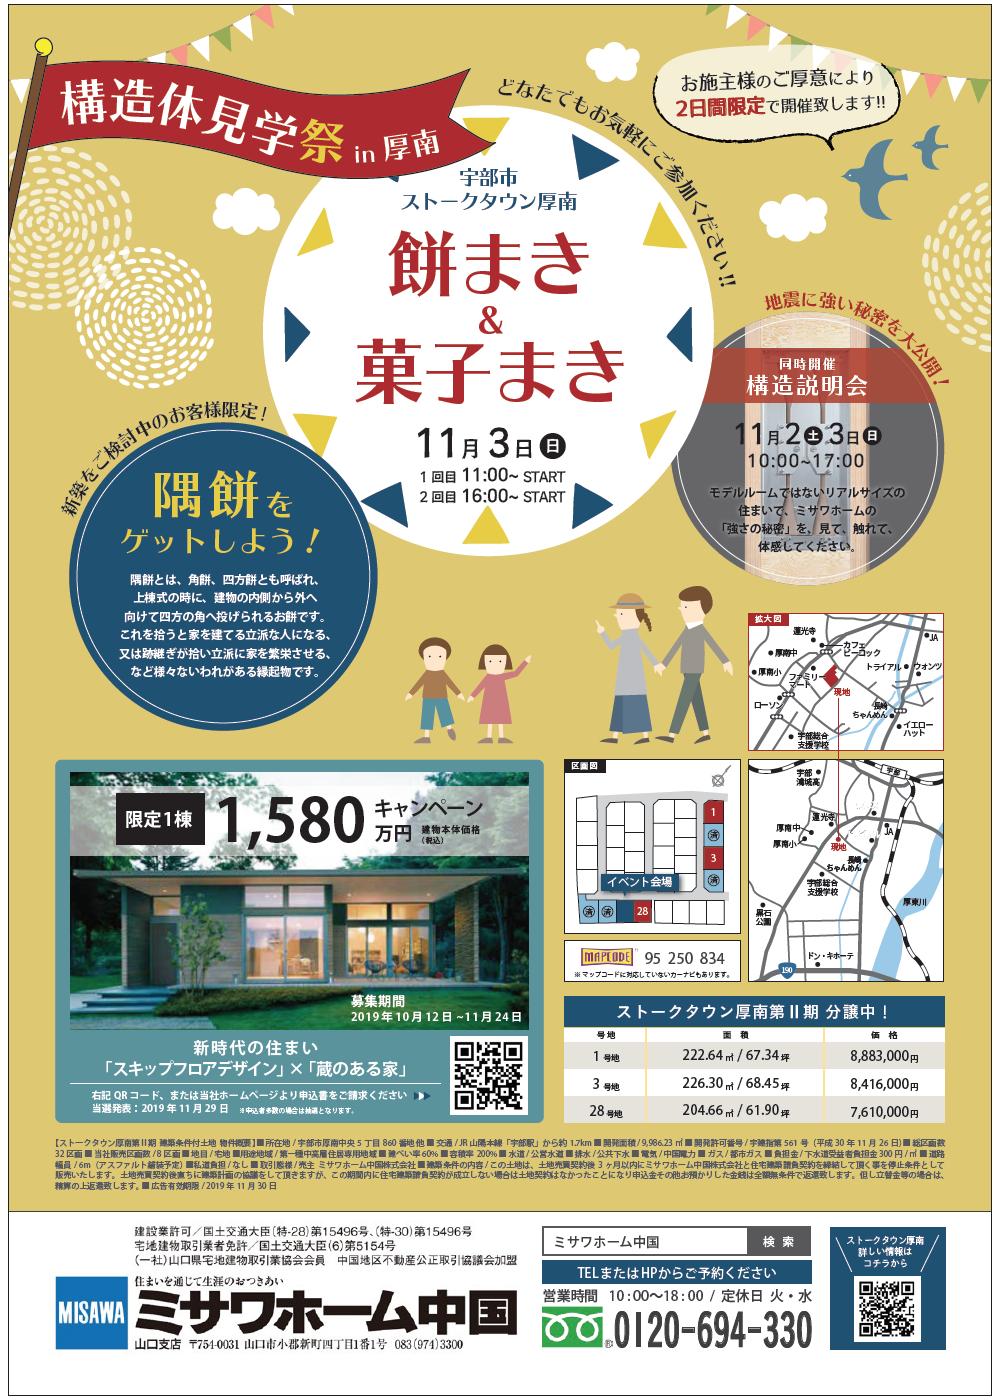 画像:餅まき・菓子まきイベント開催!! INストークタウン厚南